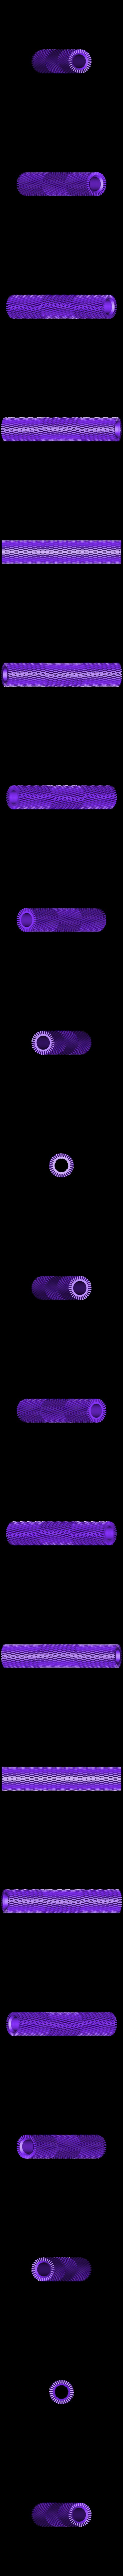 TubiX Rasta body.STL Télécharger fichier STL gratuit TubiX R • Objet imprimable en 3D, Ufon